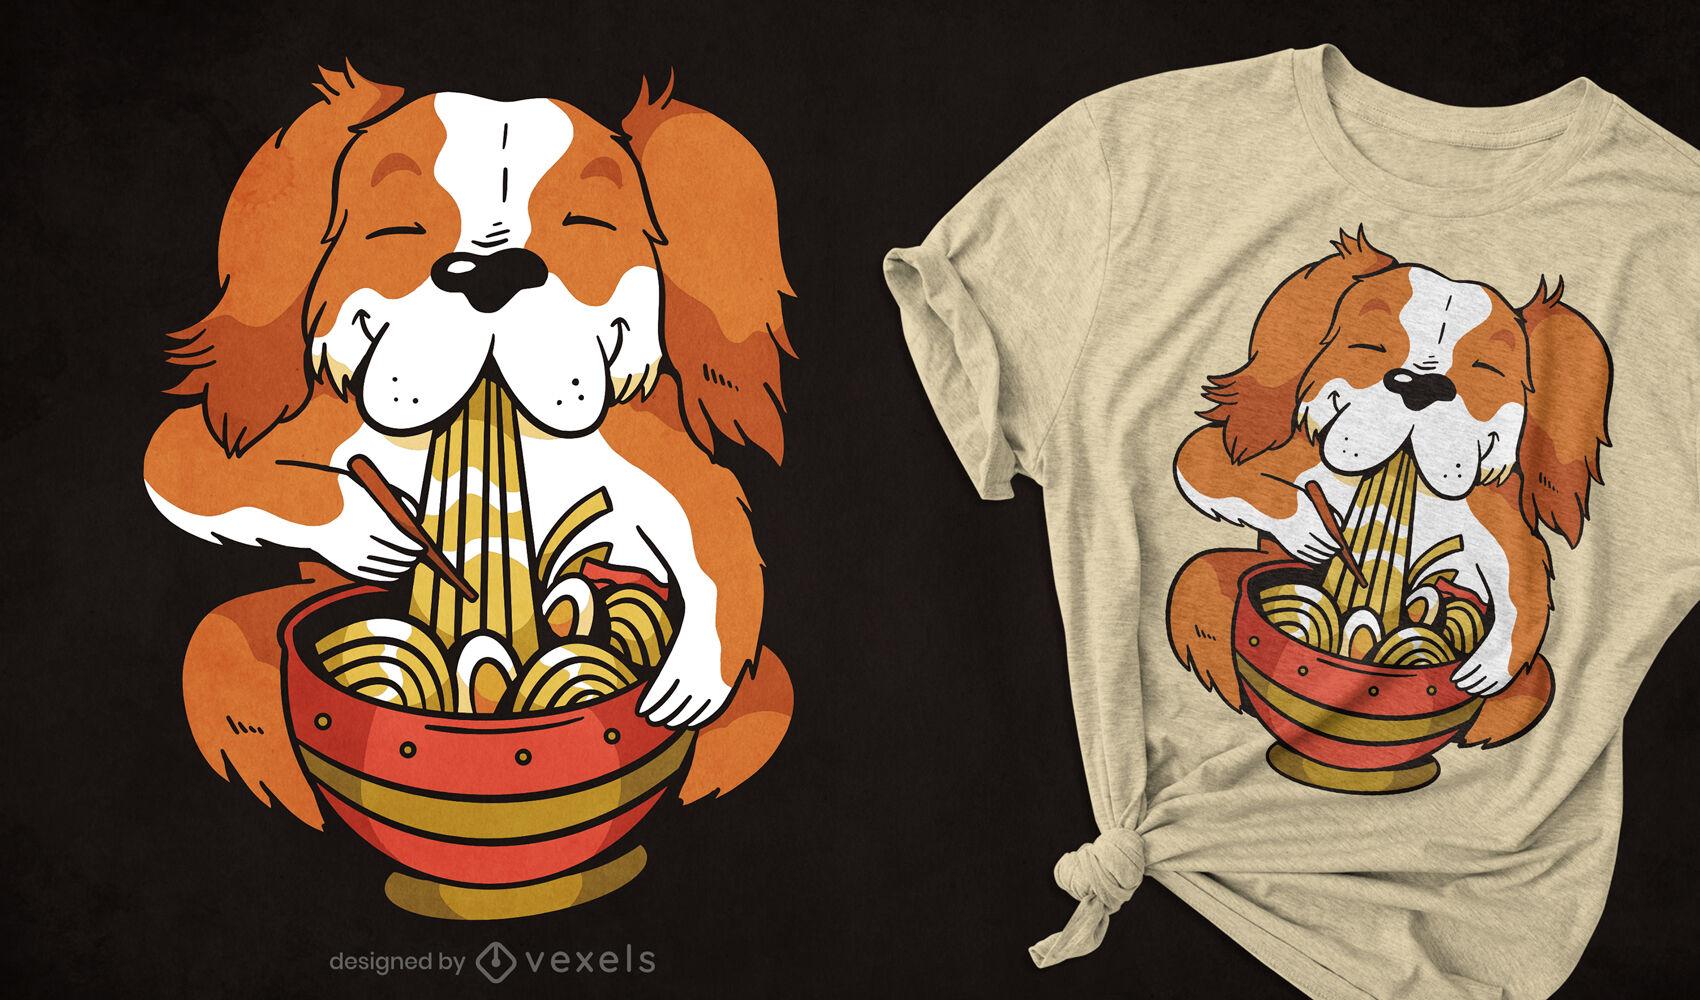 Dog eating ramen noodles t-shirt deisgn